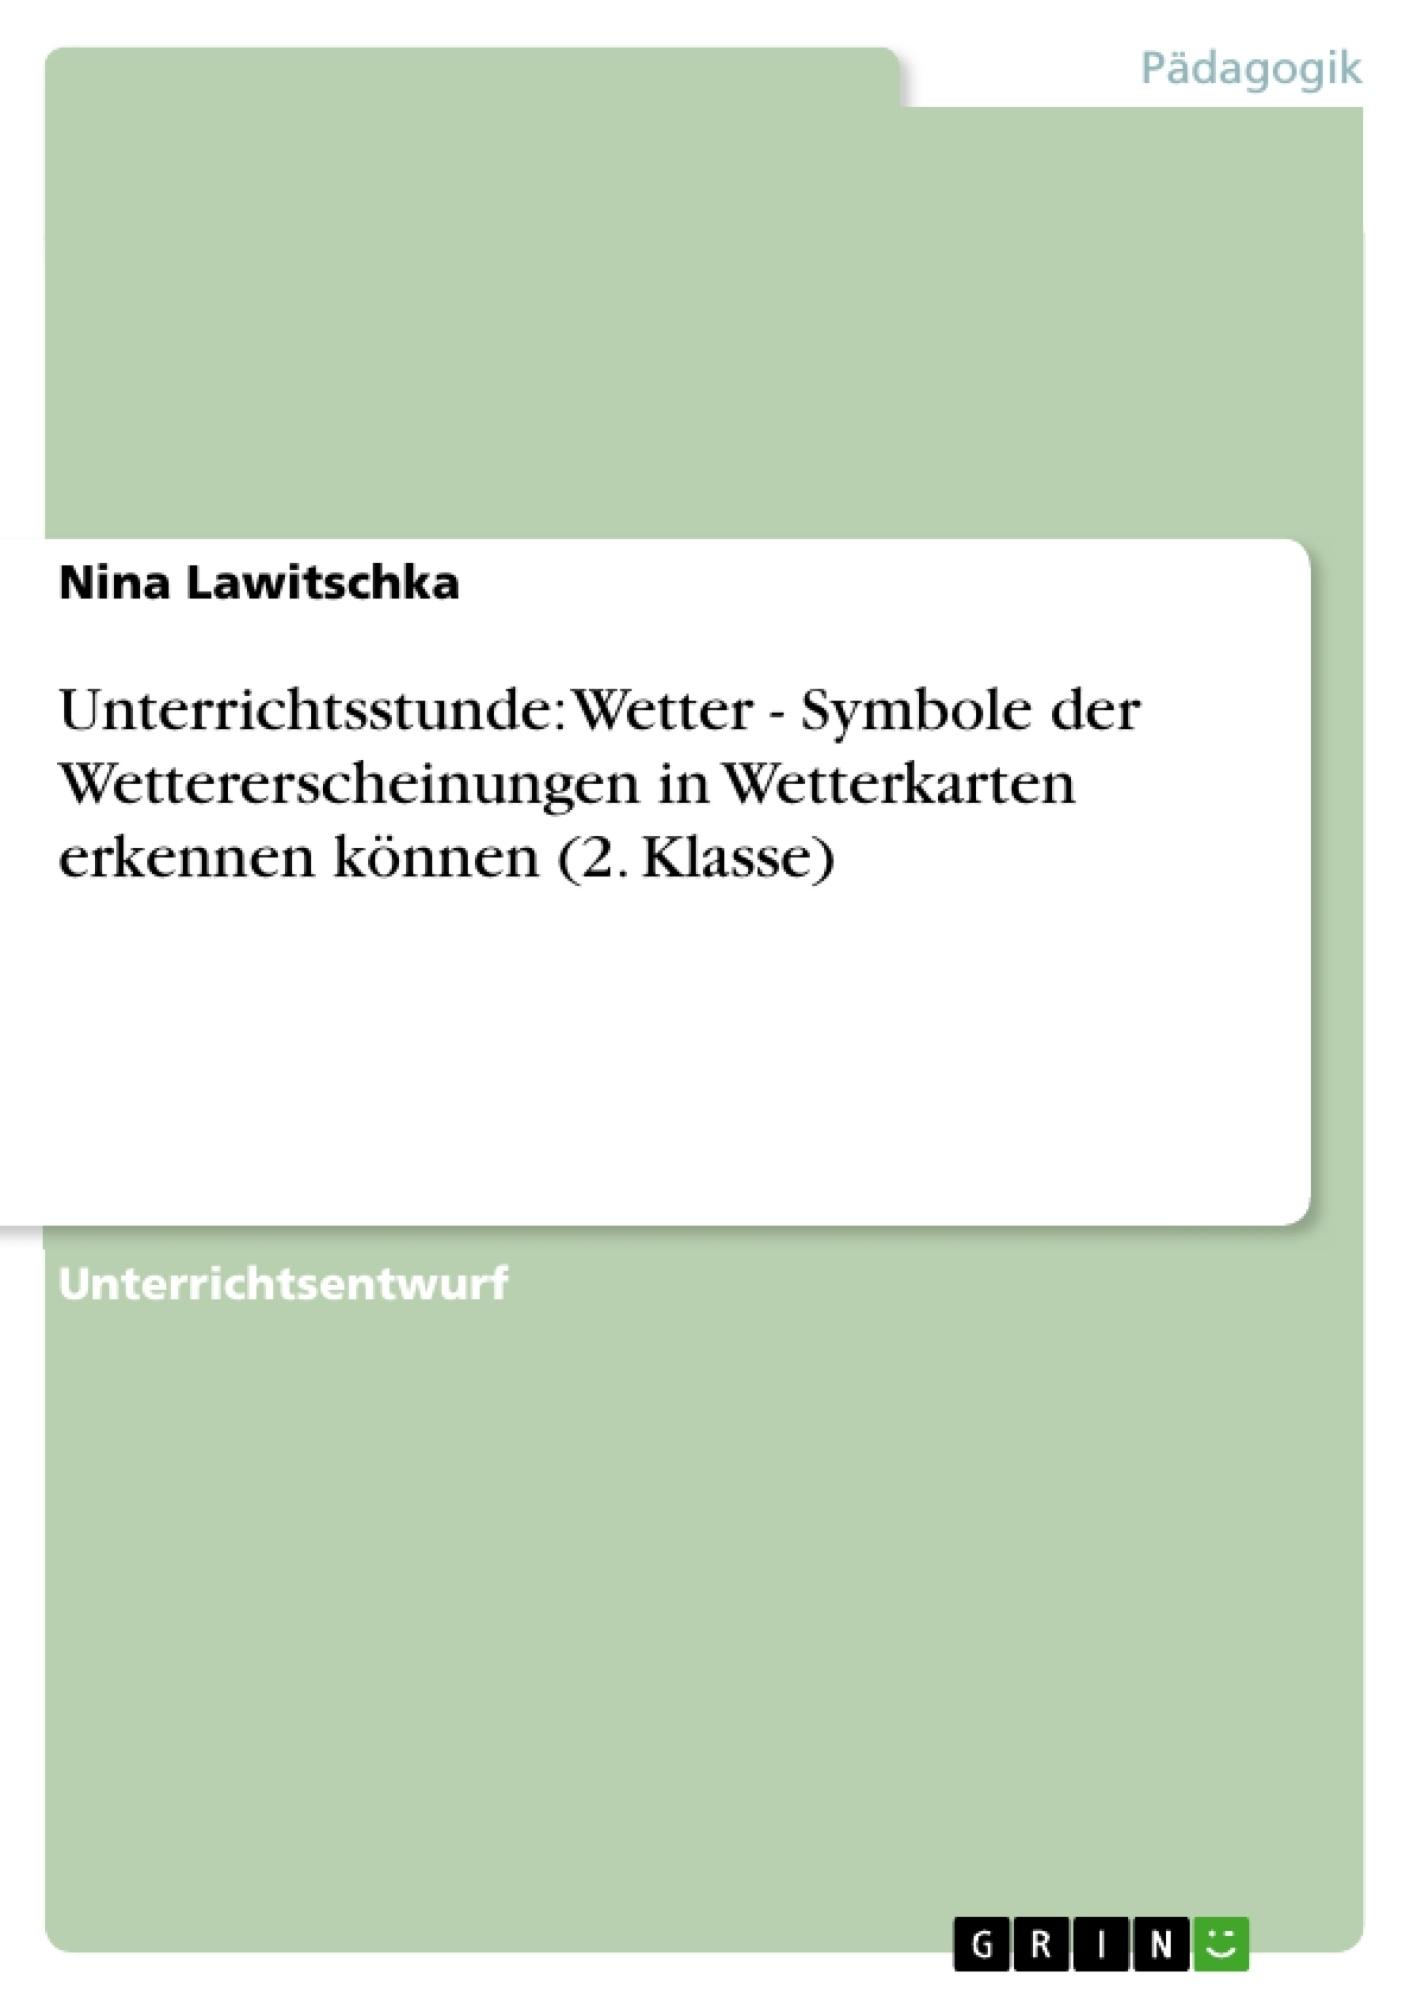 Titel: Unterrichtsstunde: Wetter - Symbole der Wettererscheinungen in Wetterkarten erkennen können (2. Klasse)